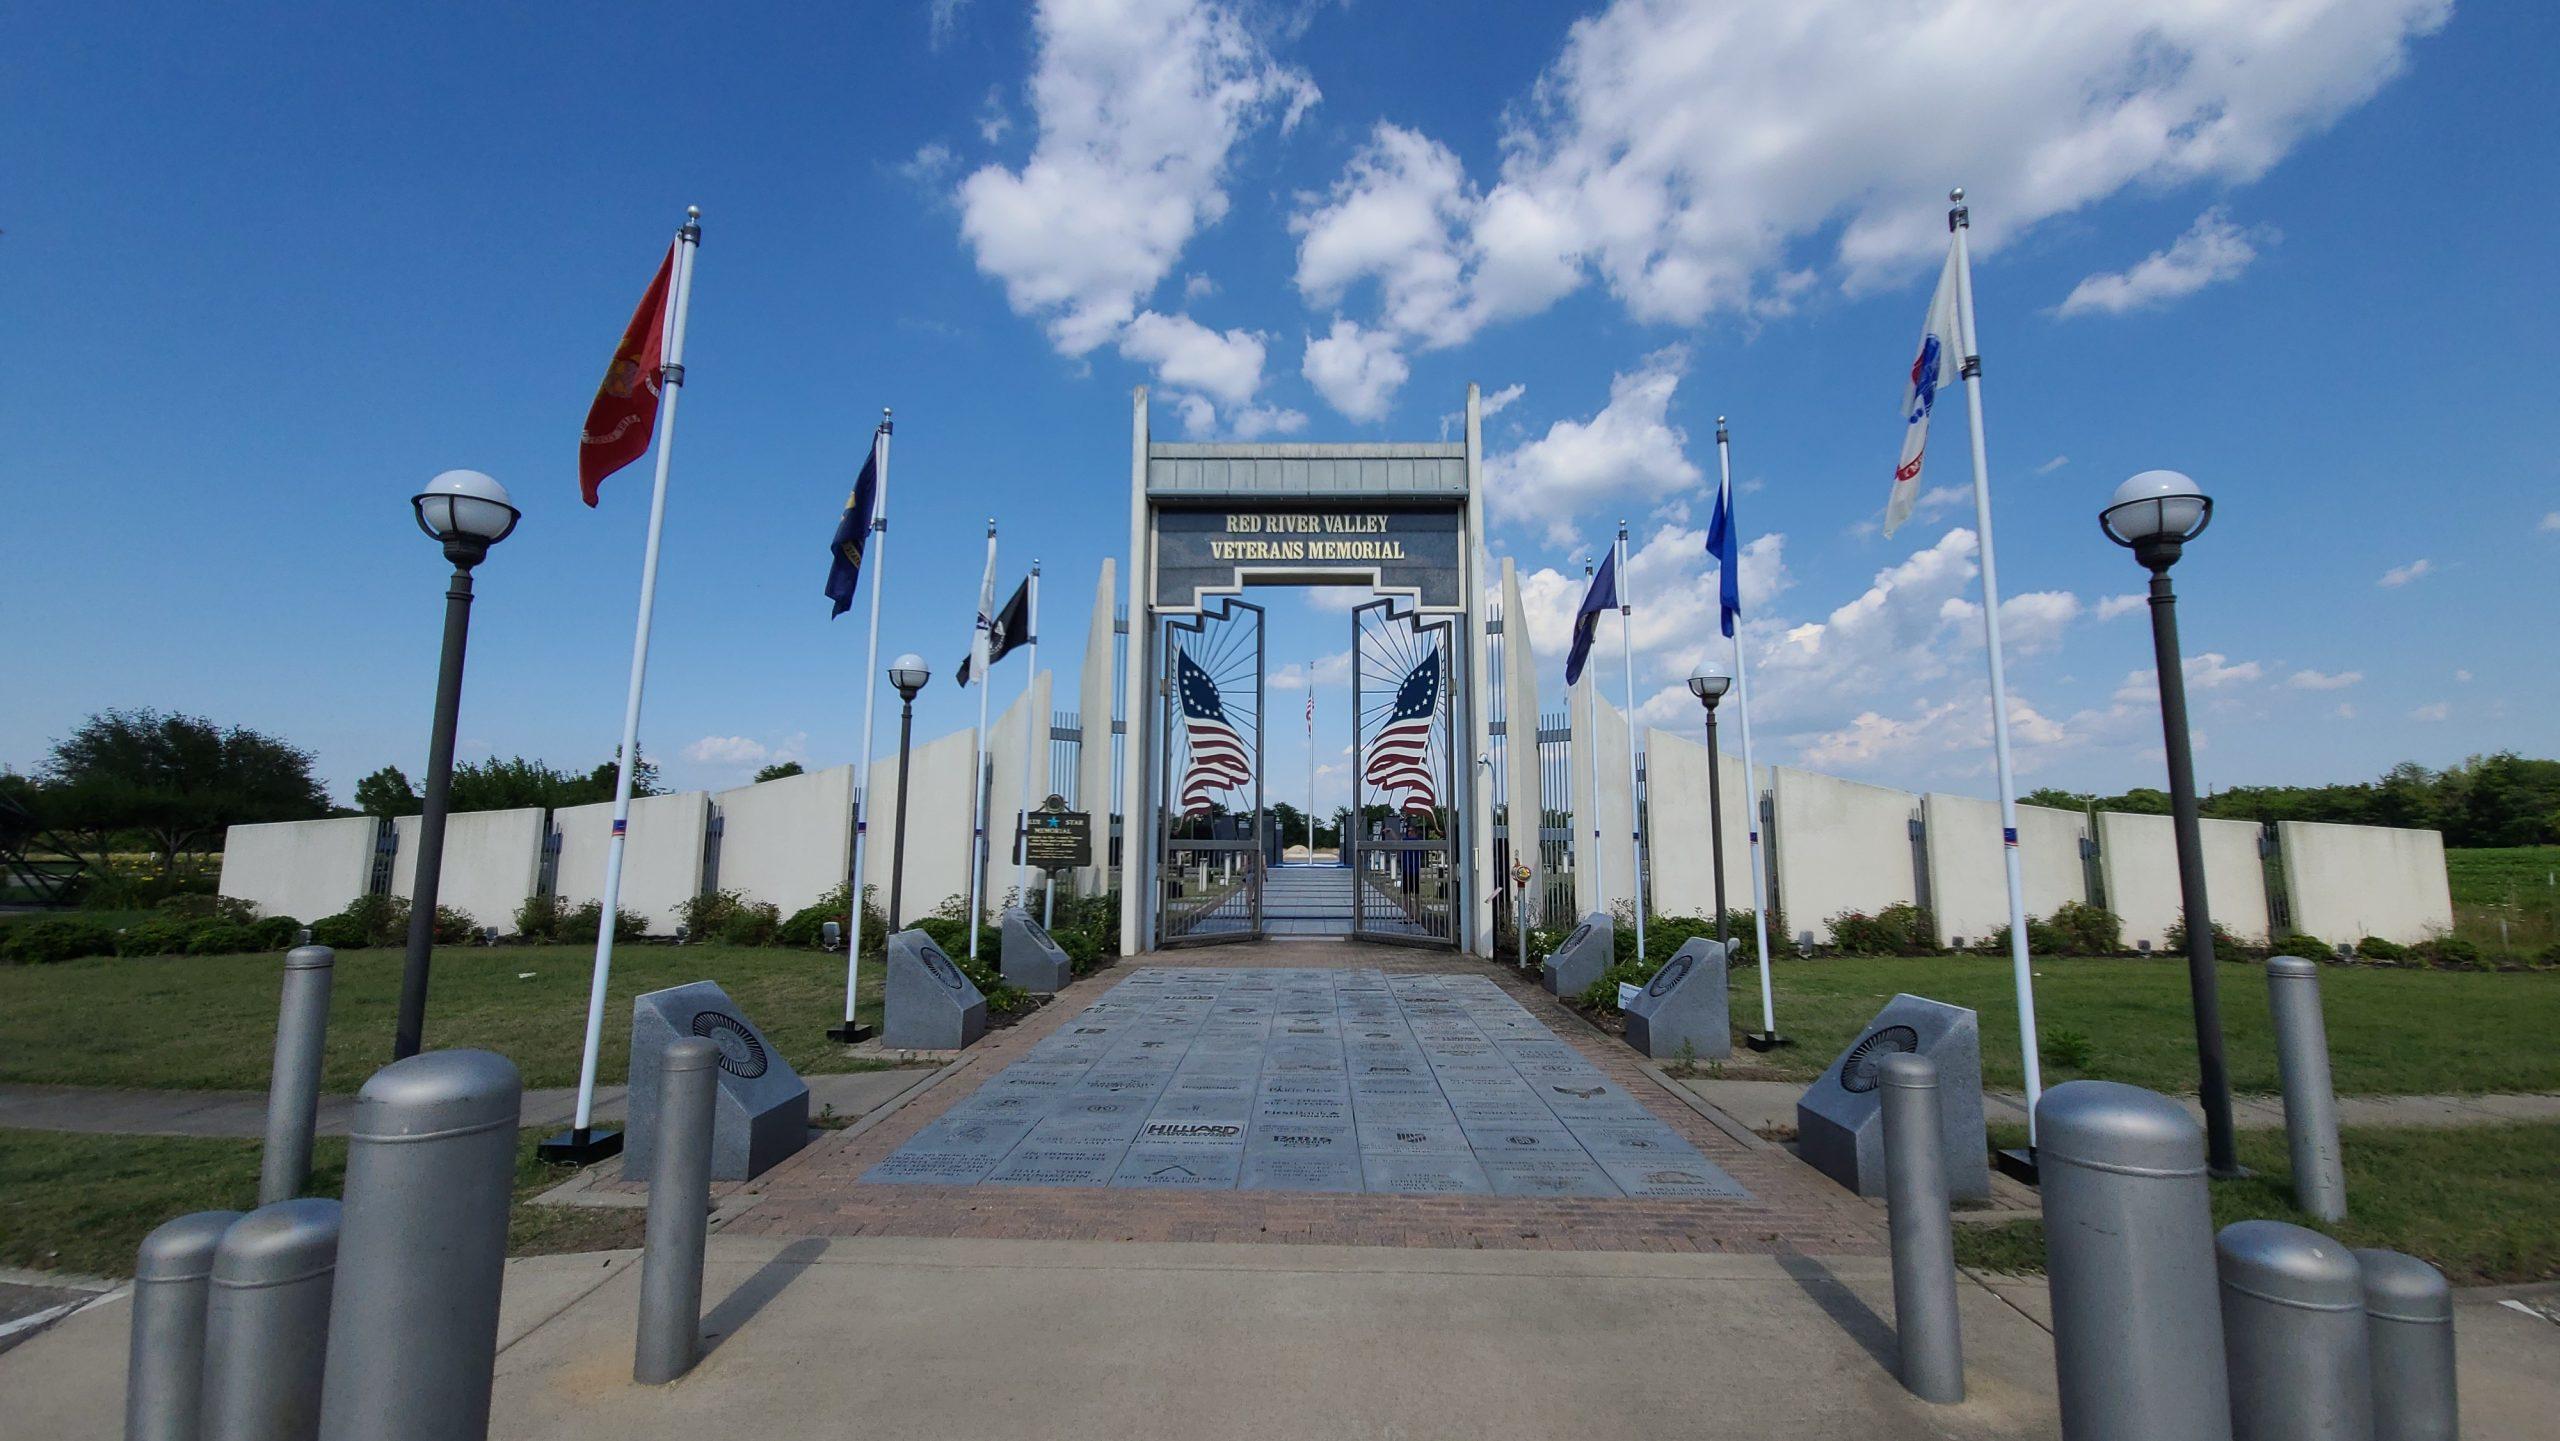 Red River Valley Veterans Memorial Museum